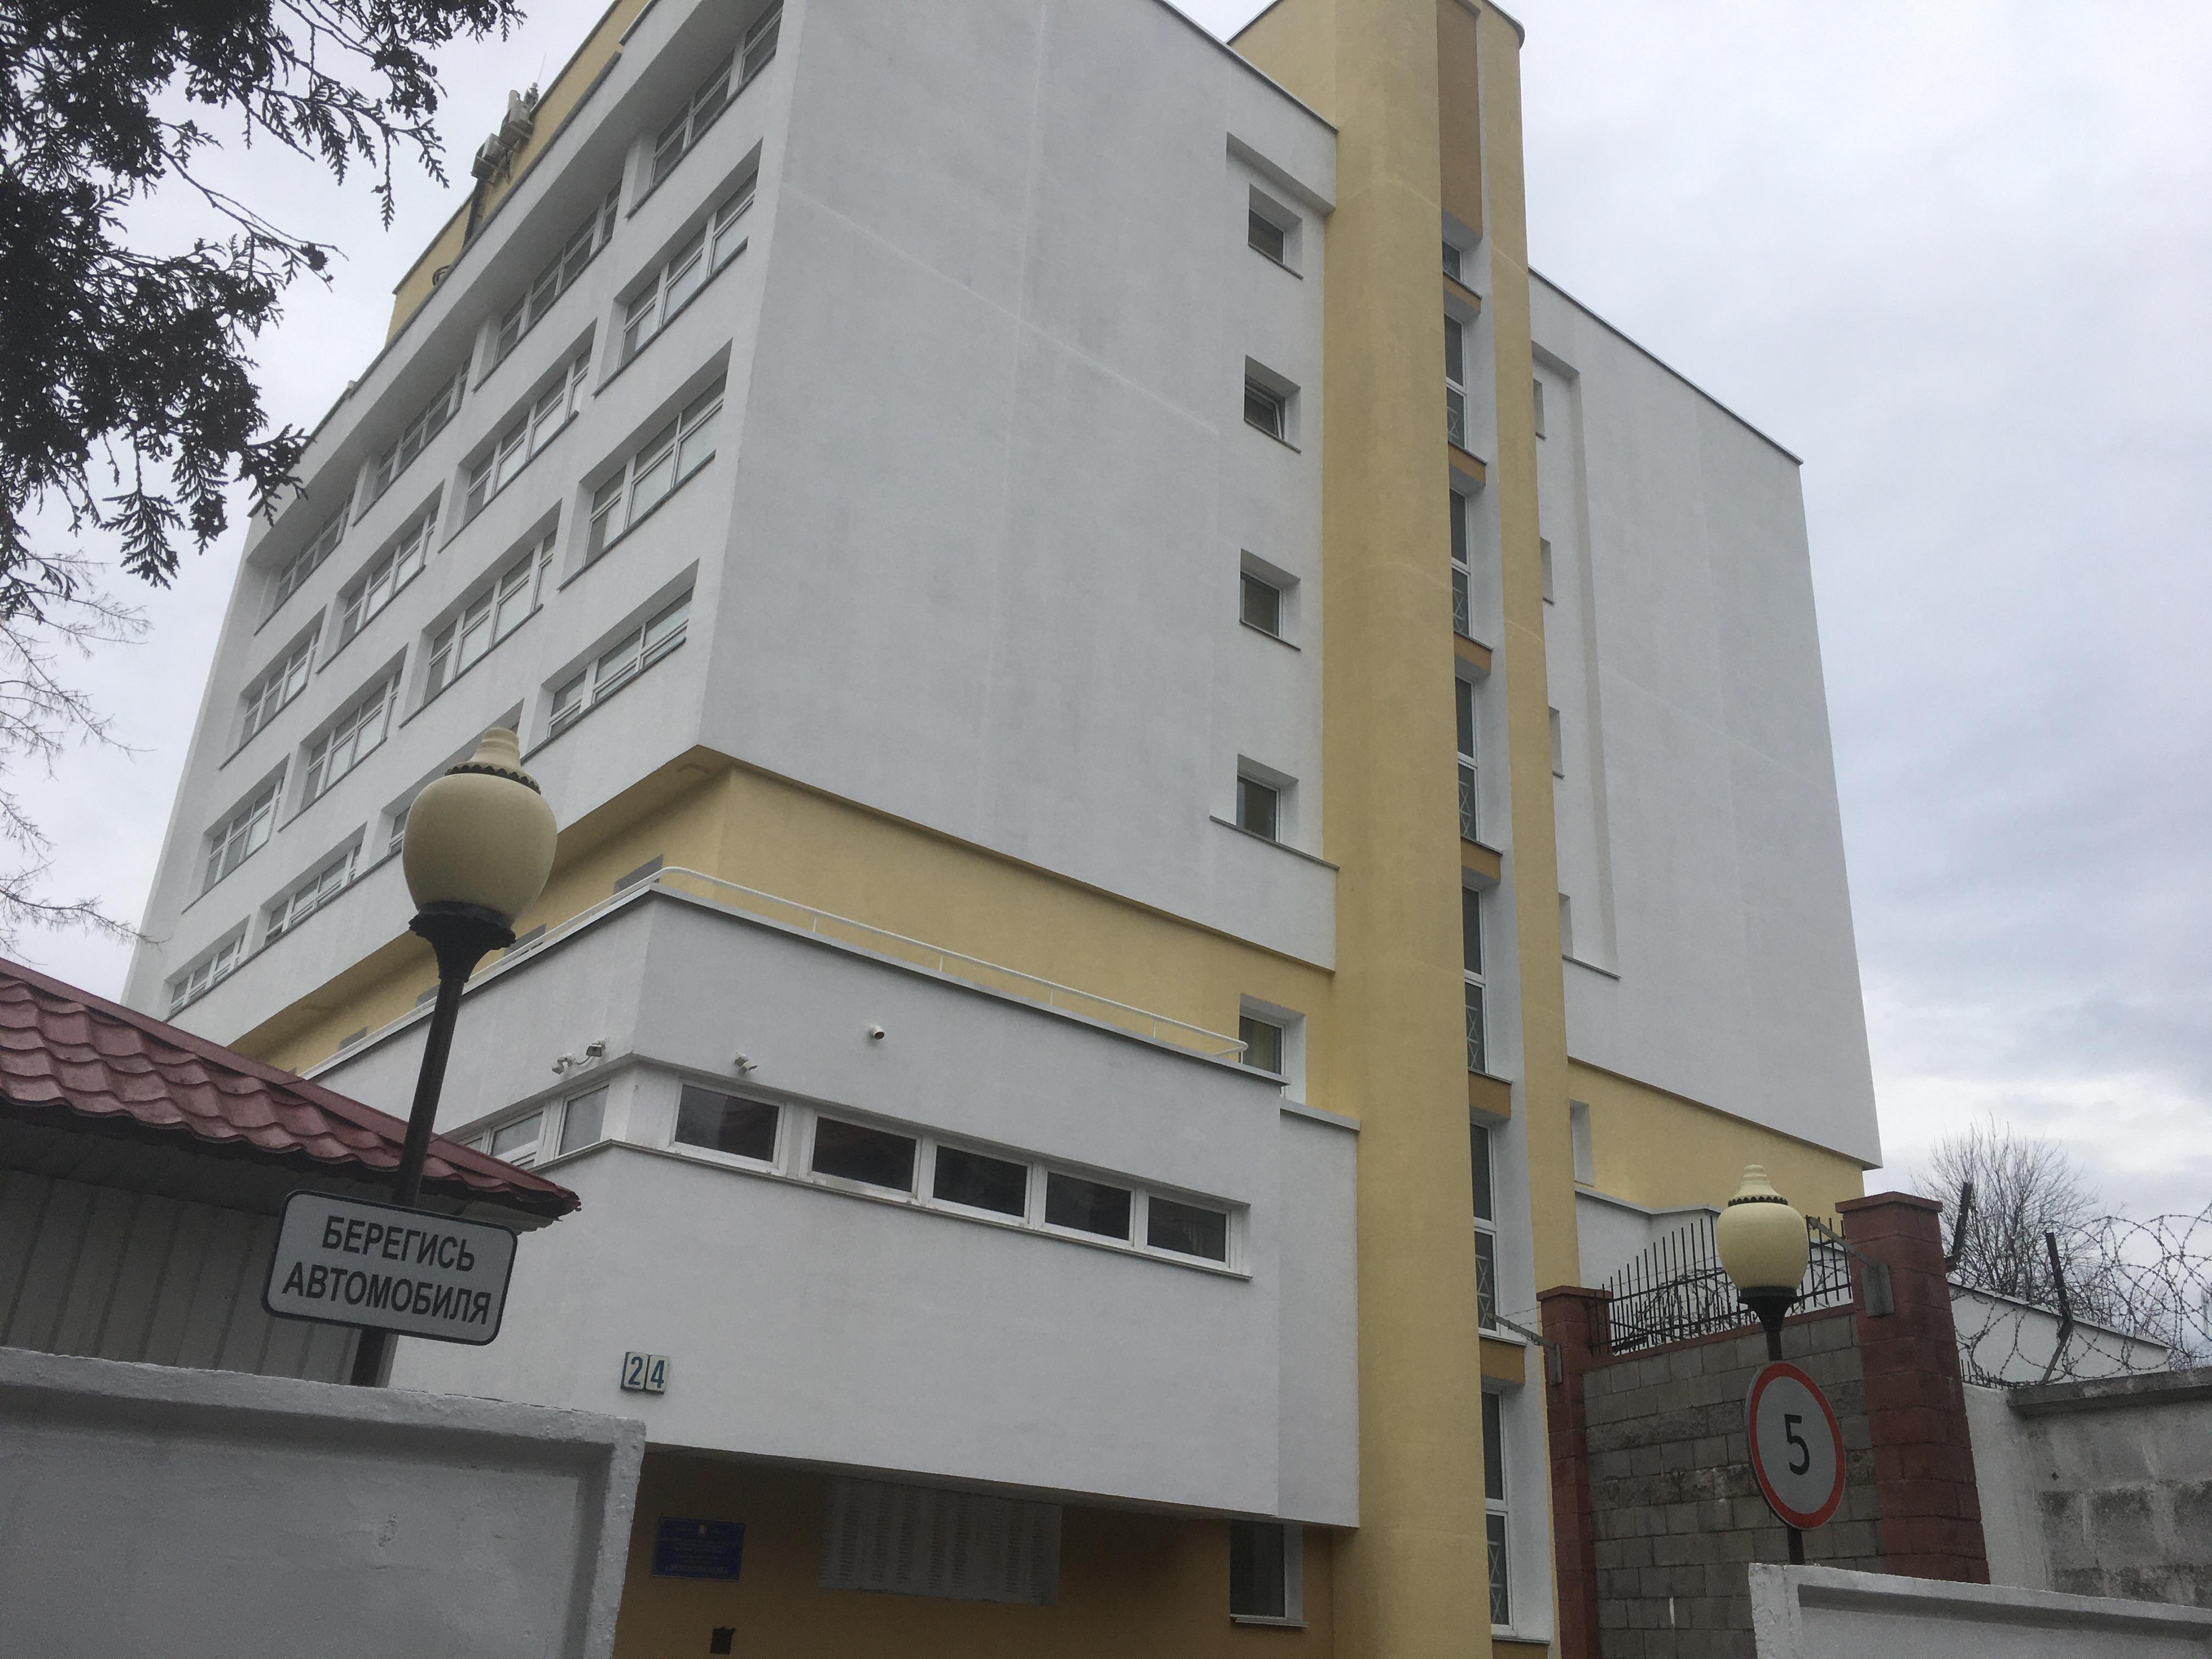 Административно-бытовой комплекс, Электродепо Московское